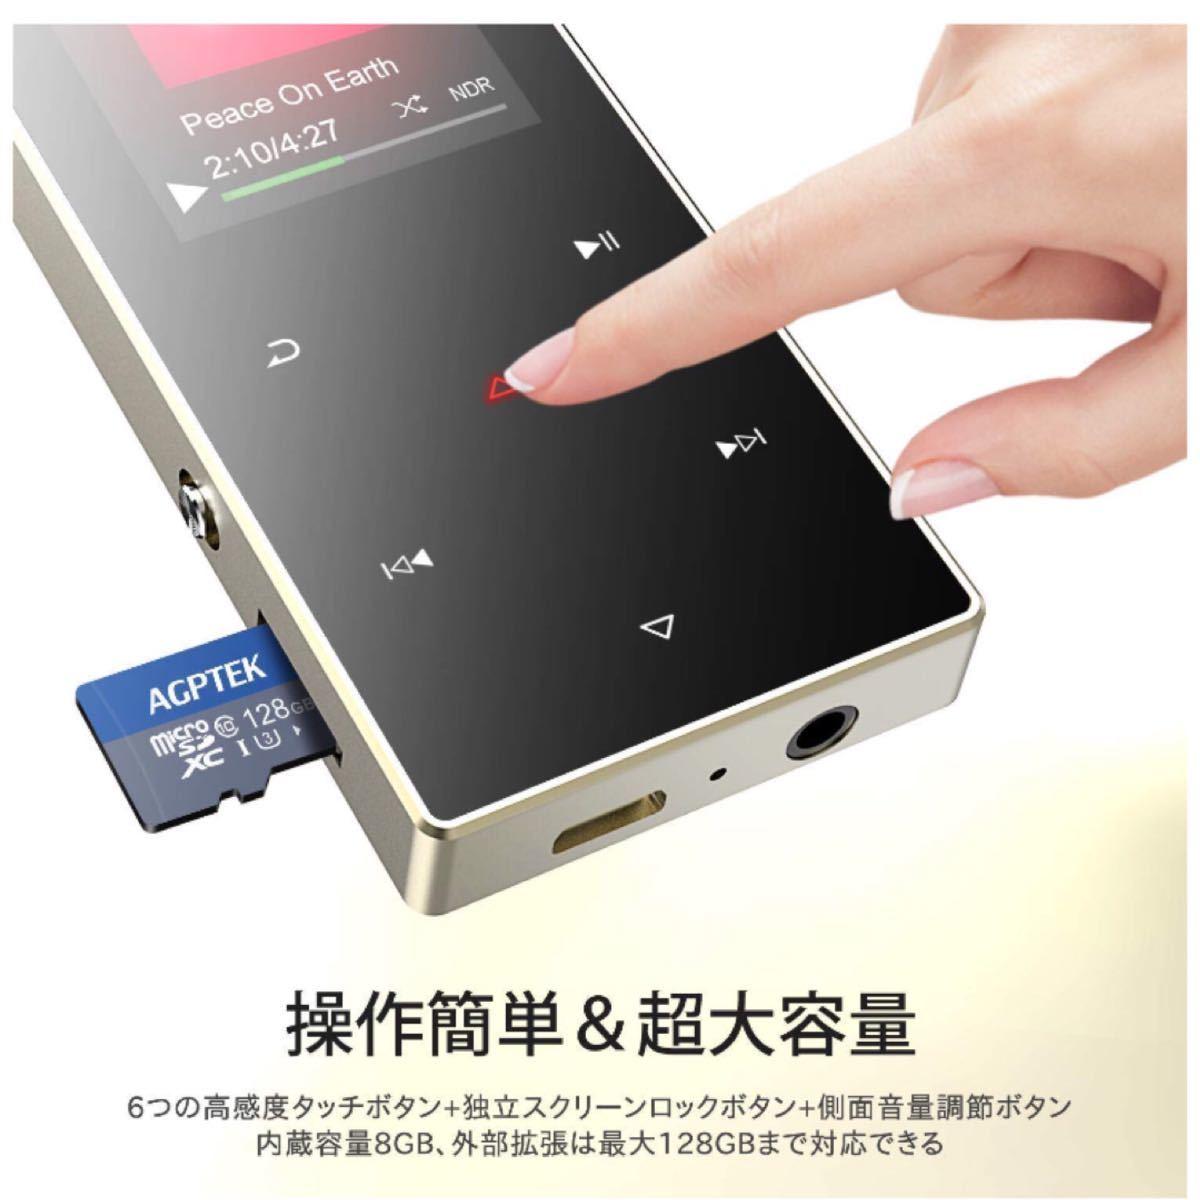 Bluetooth4.0対応 デジタルオーディオプレーヤー 超高音質 mp3プレーヤー _画像5